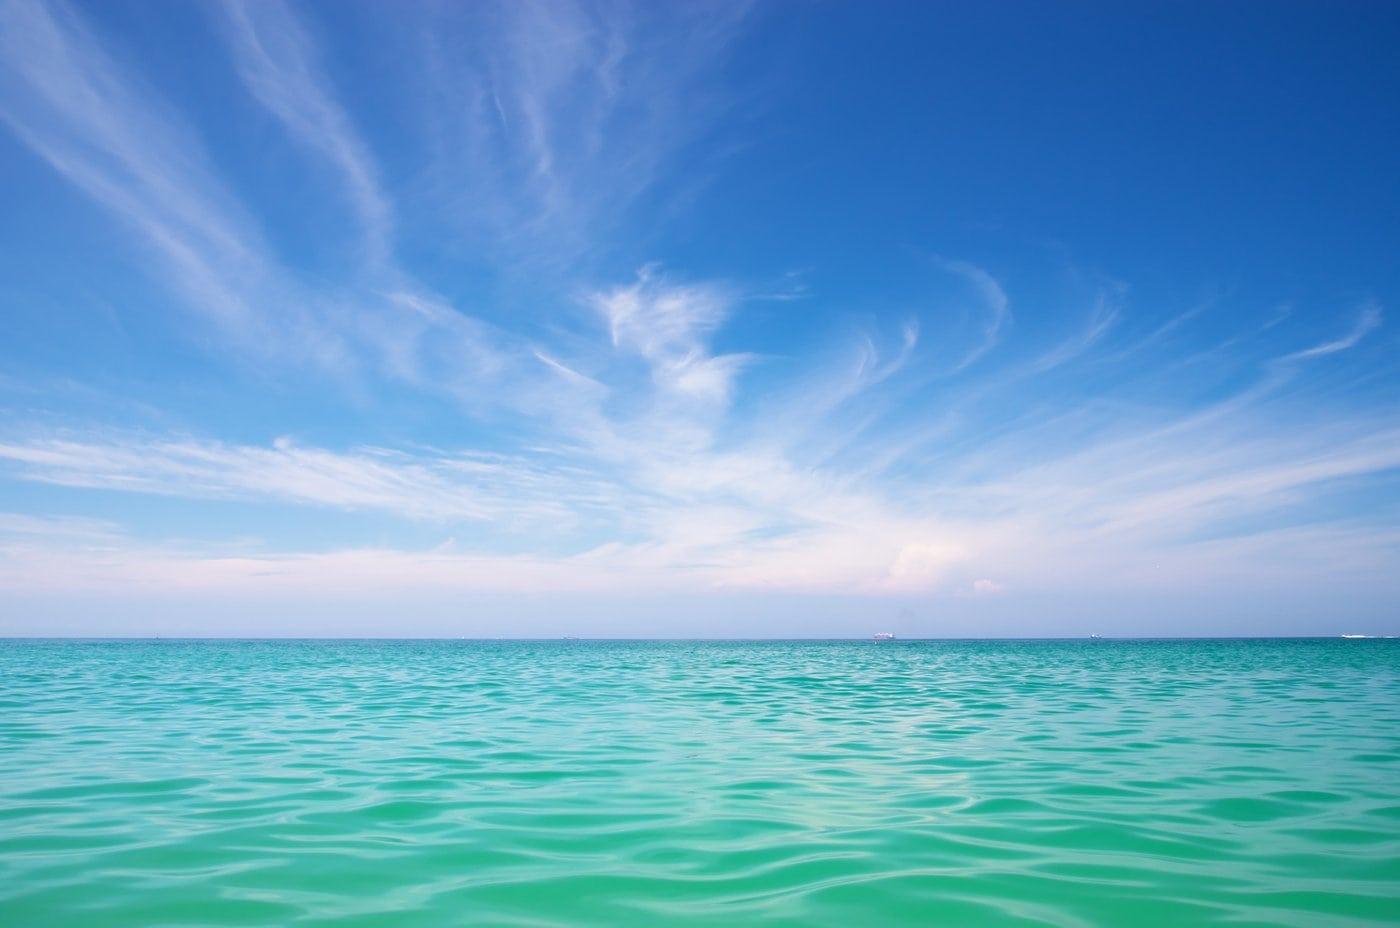 Aqua ocean and beautiful blue sky